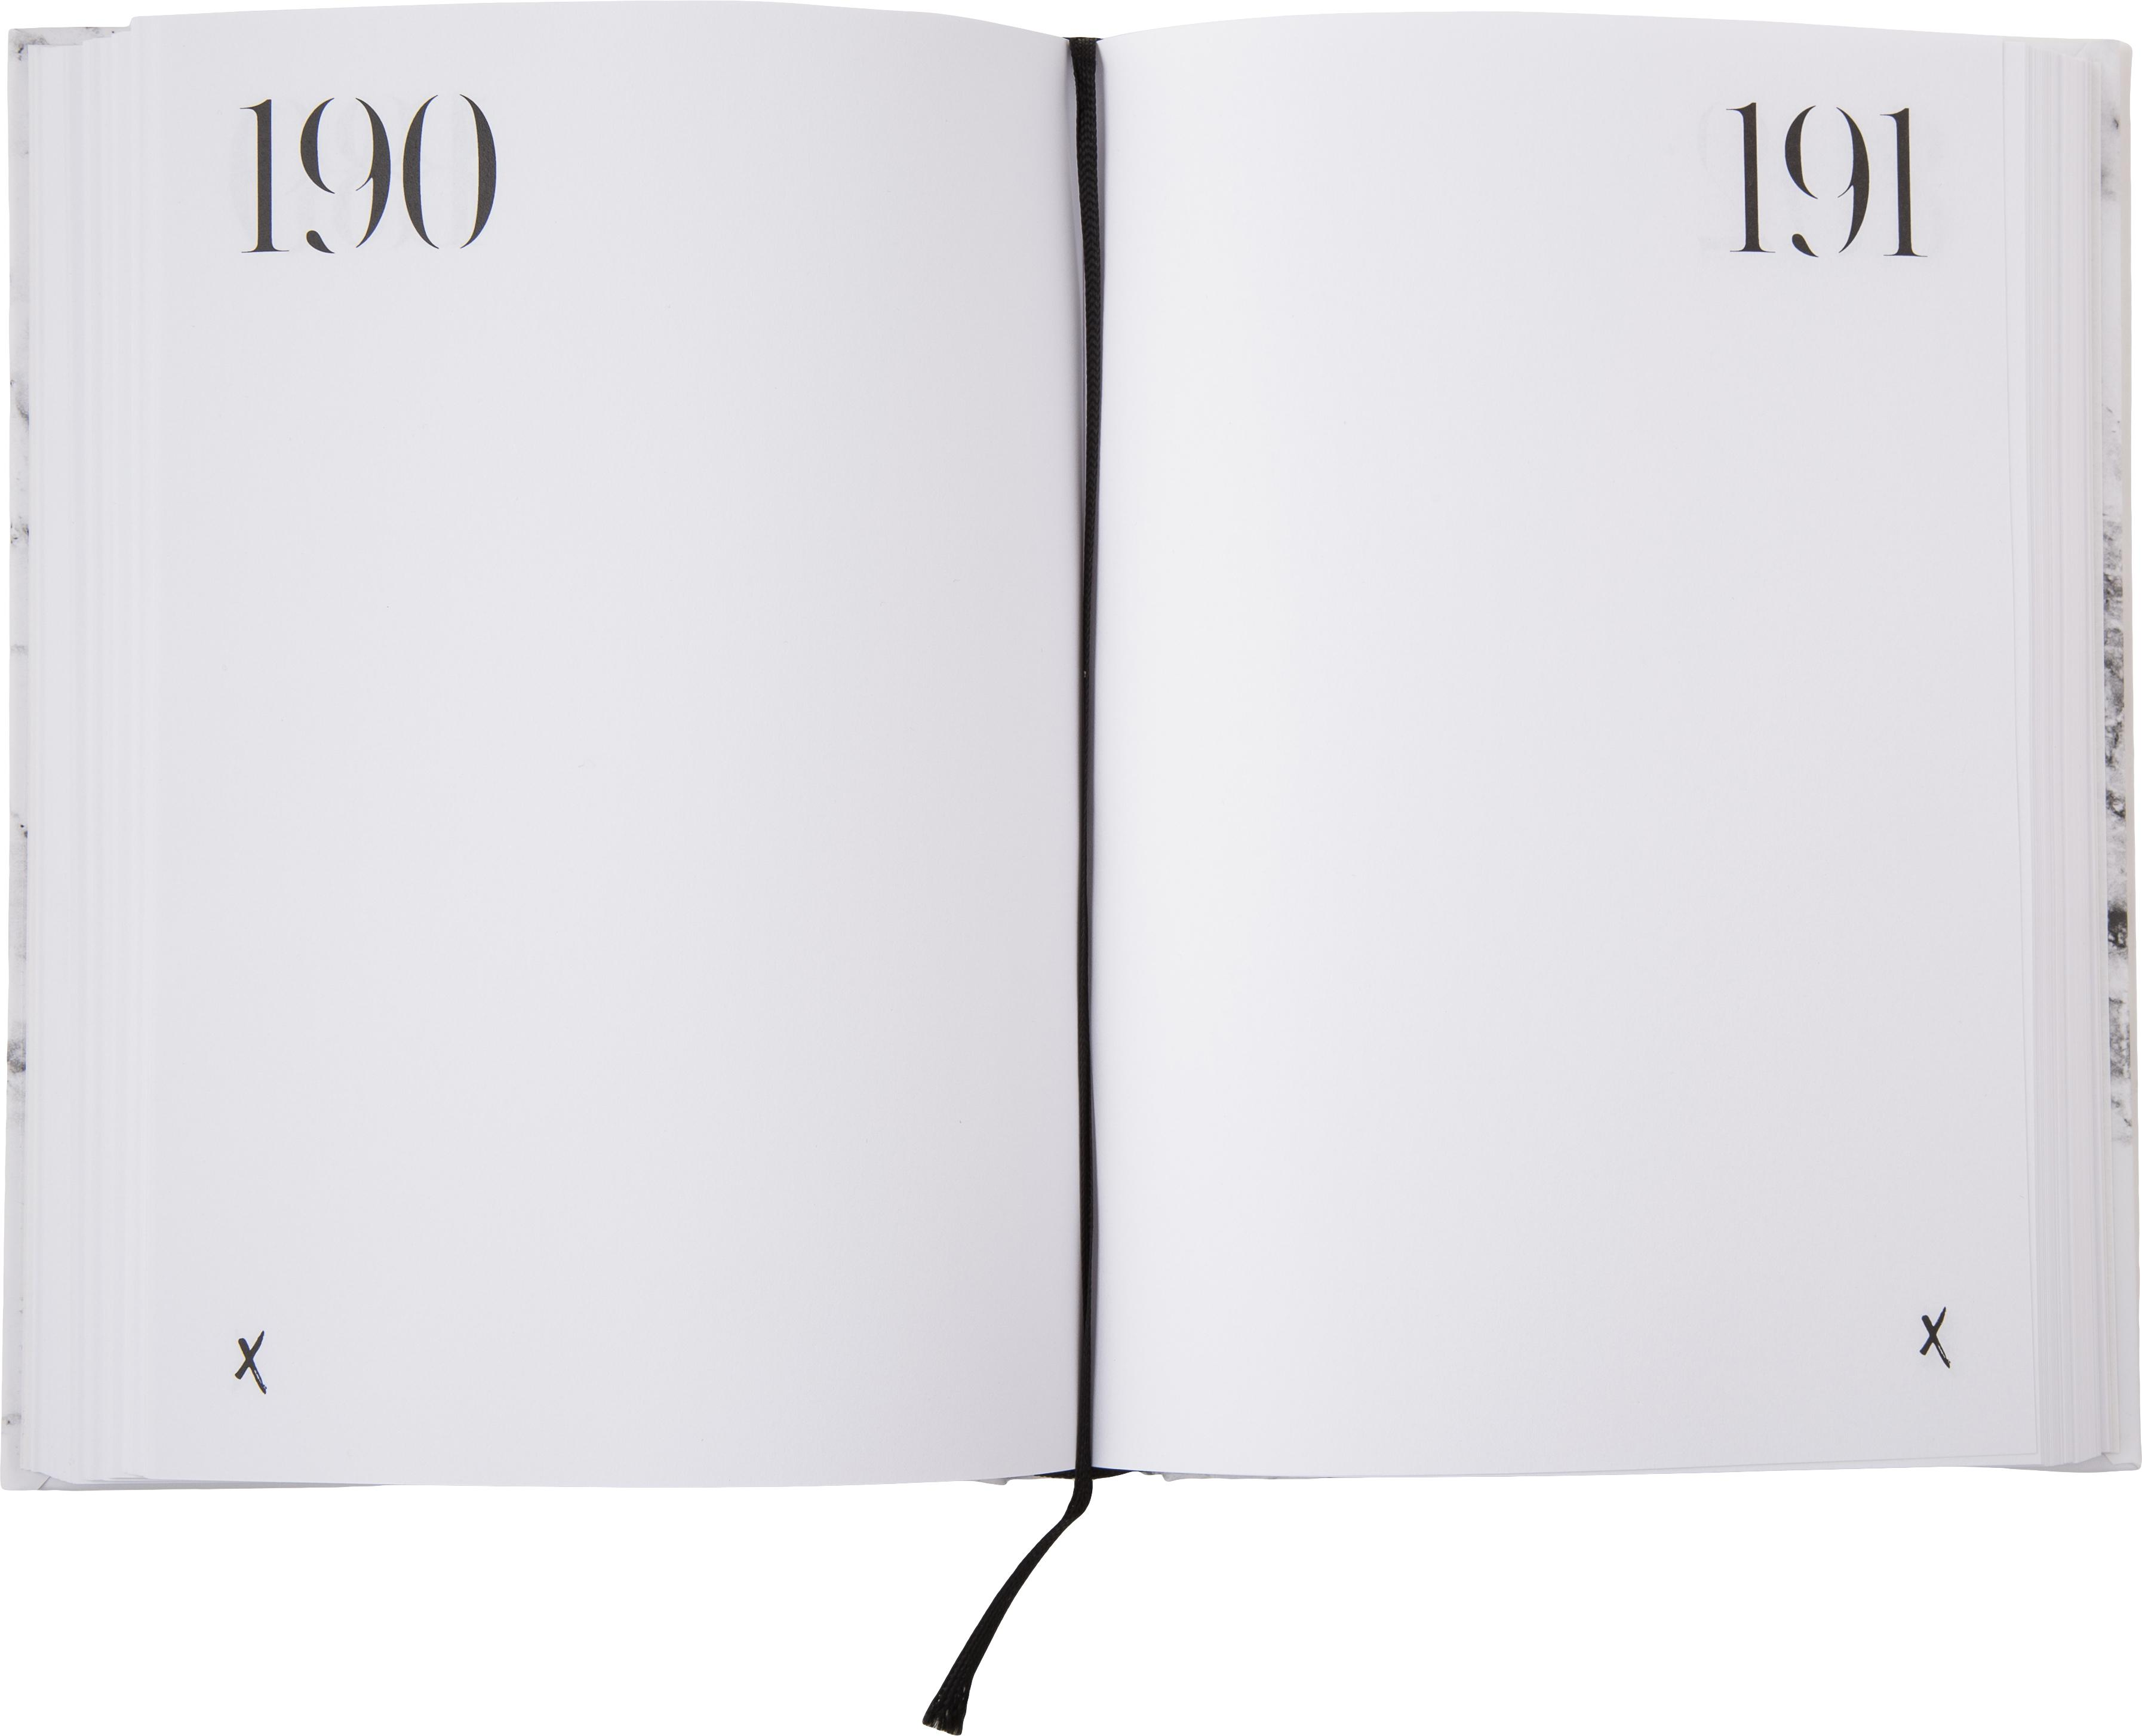 Notizbuch 365 of whatever you want, Papier, Weiß, Schwarz, 15 x 21 cm